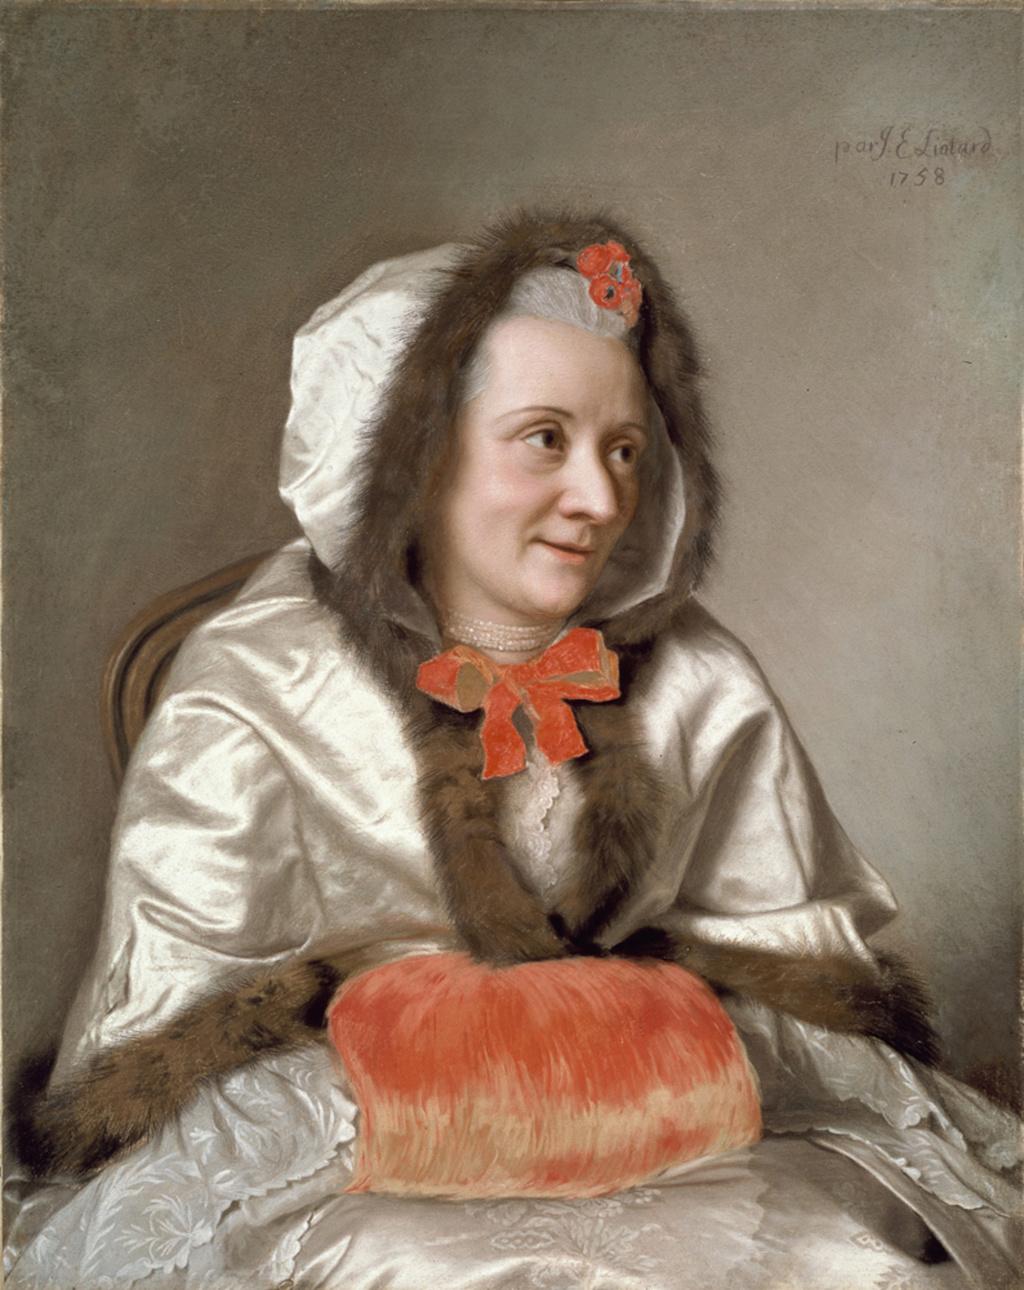 Galerie de portraits : Le manchon au XVIIIe siècle  - Page 2 2153